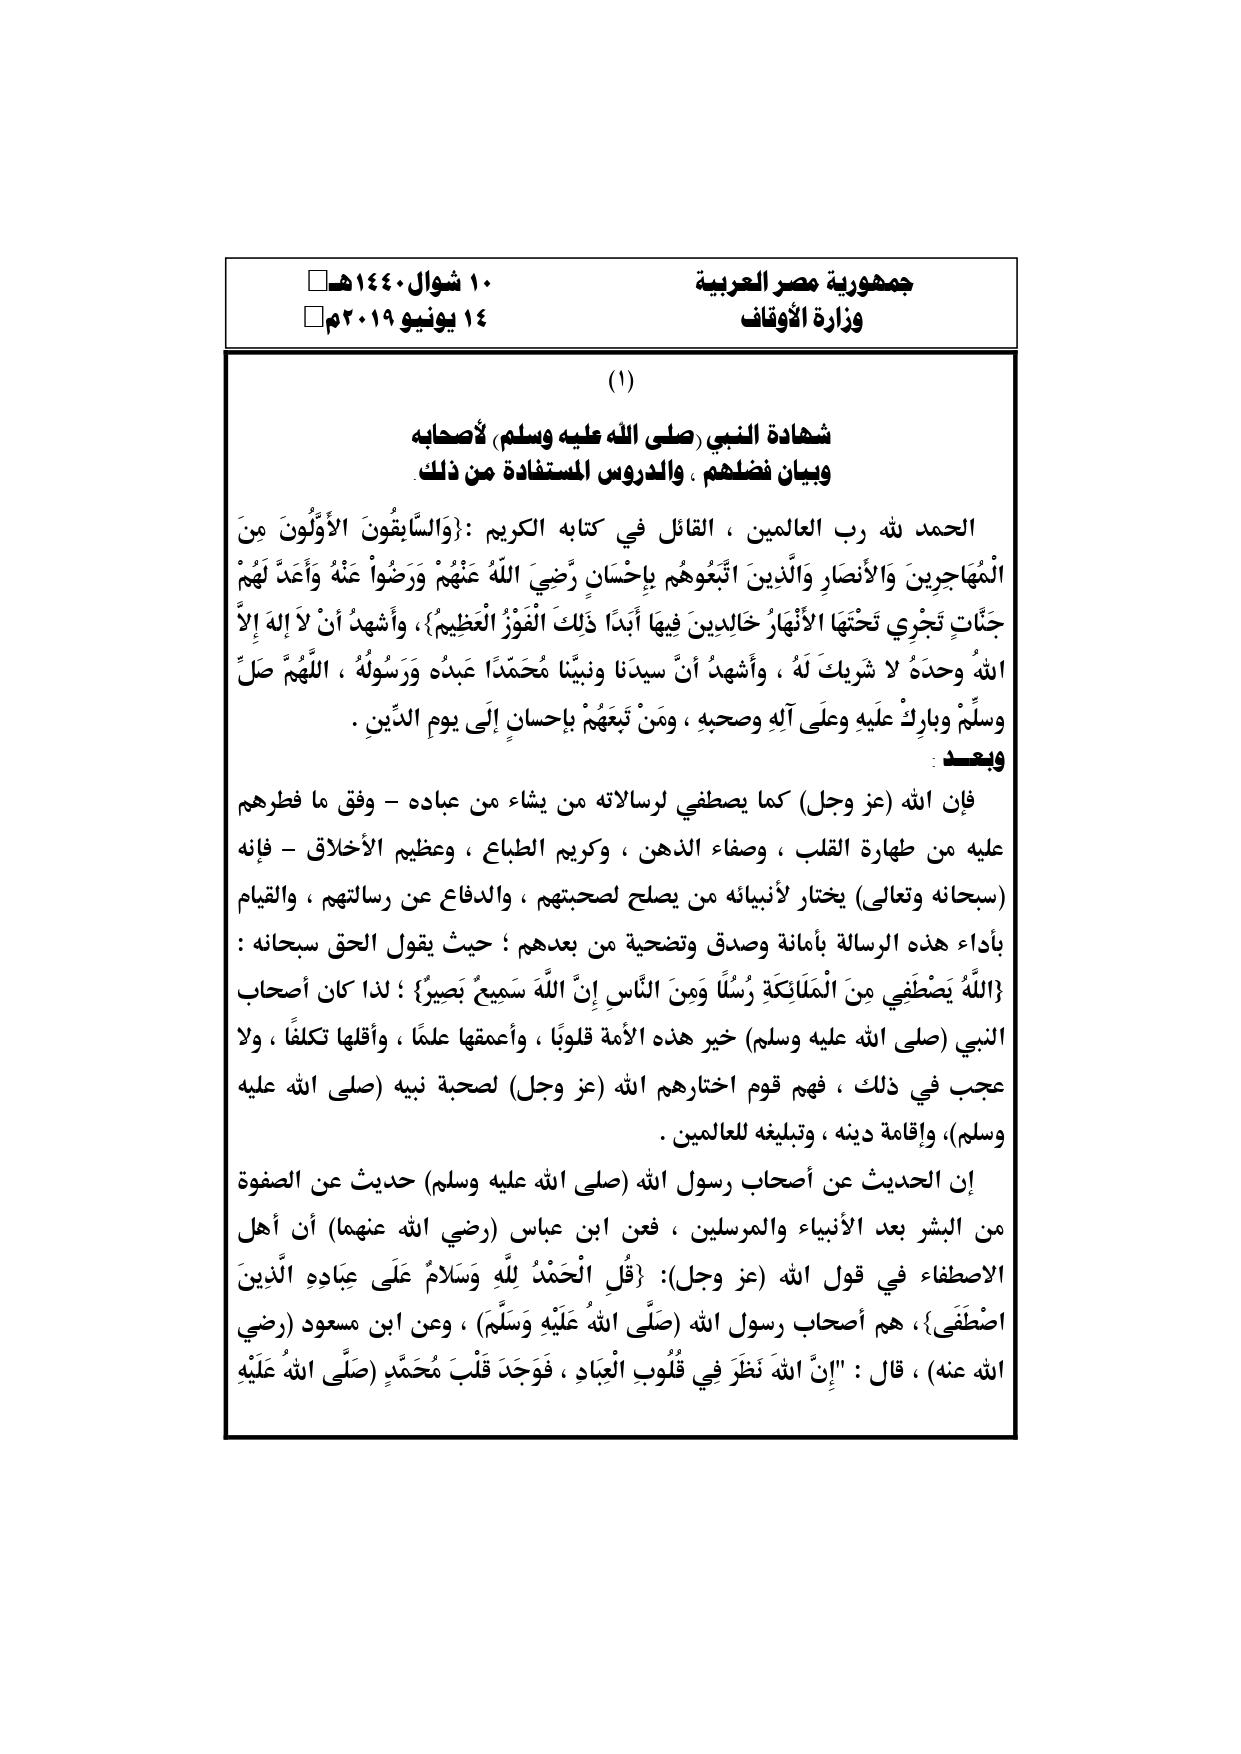 شهادة النبي لأصحابه وبيان فضلهم ، والدروس المستفادة خطبة الجمعة لوزارة الأوقاف المصرية pdf